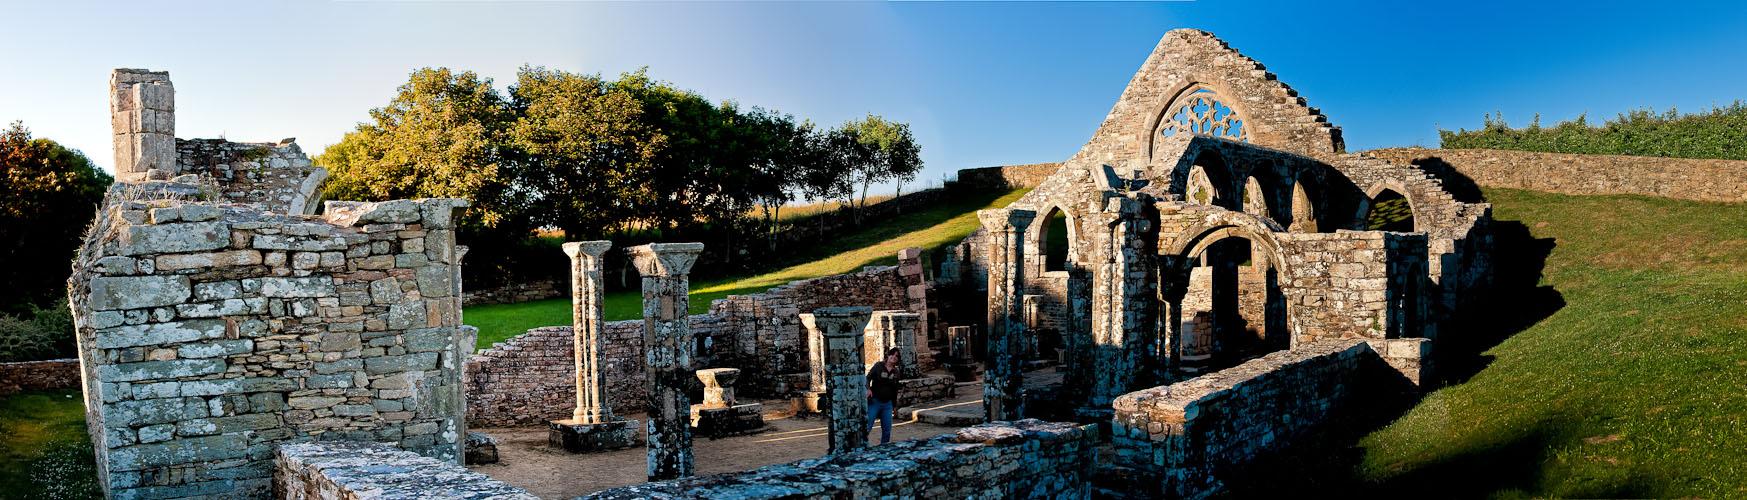 Ruine in Finistere